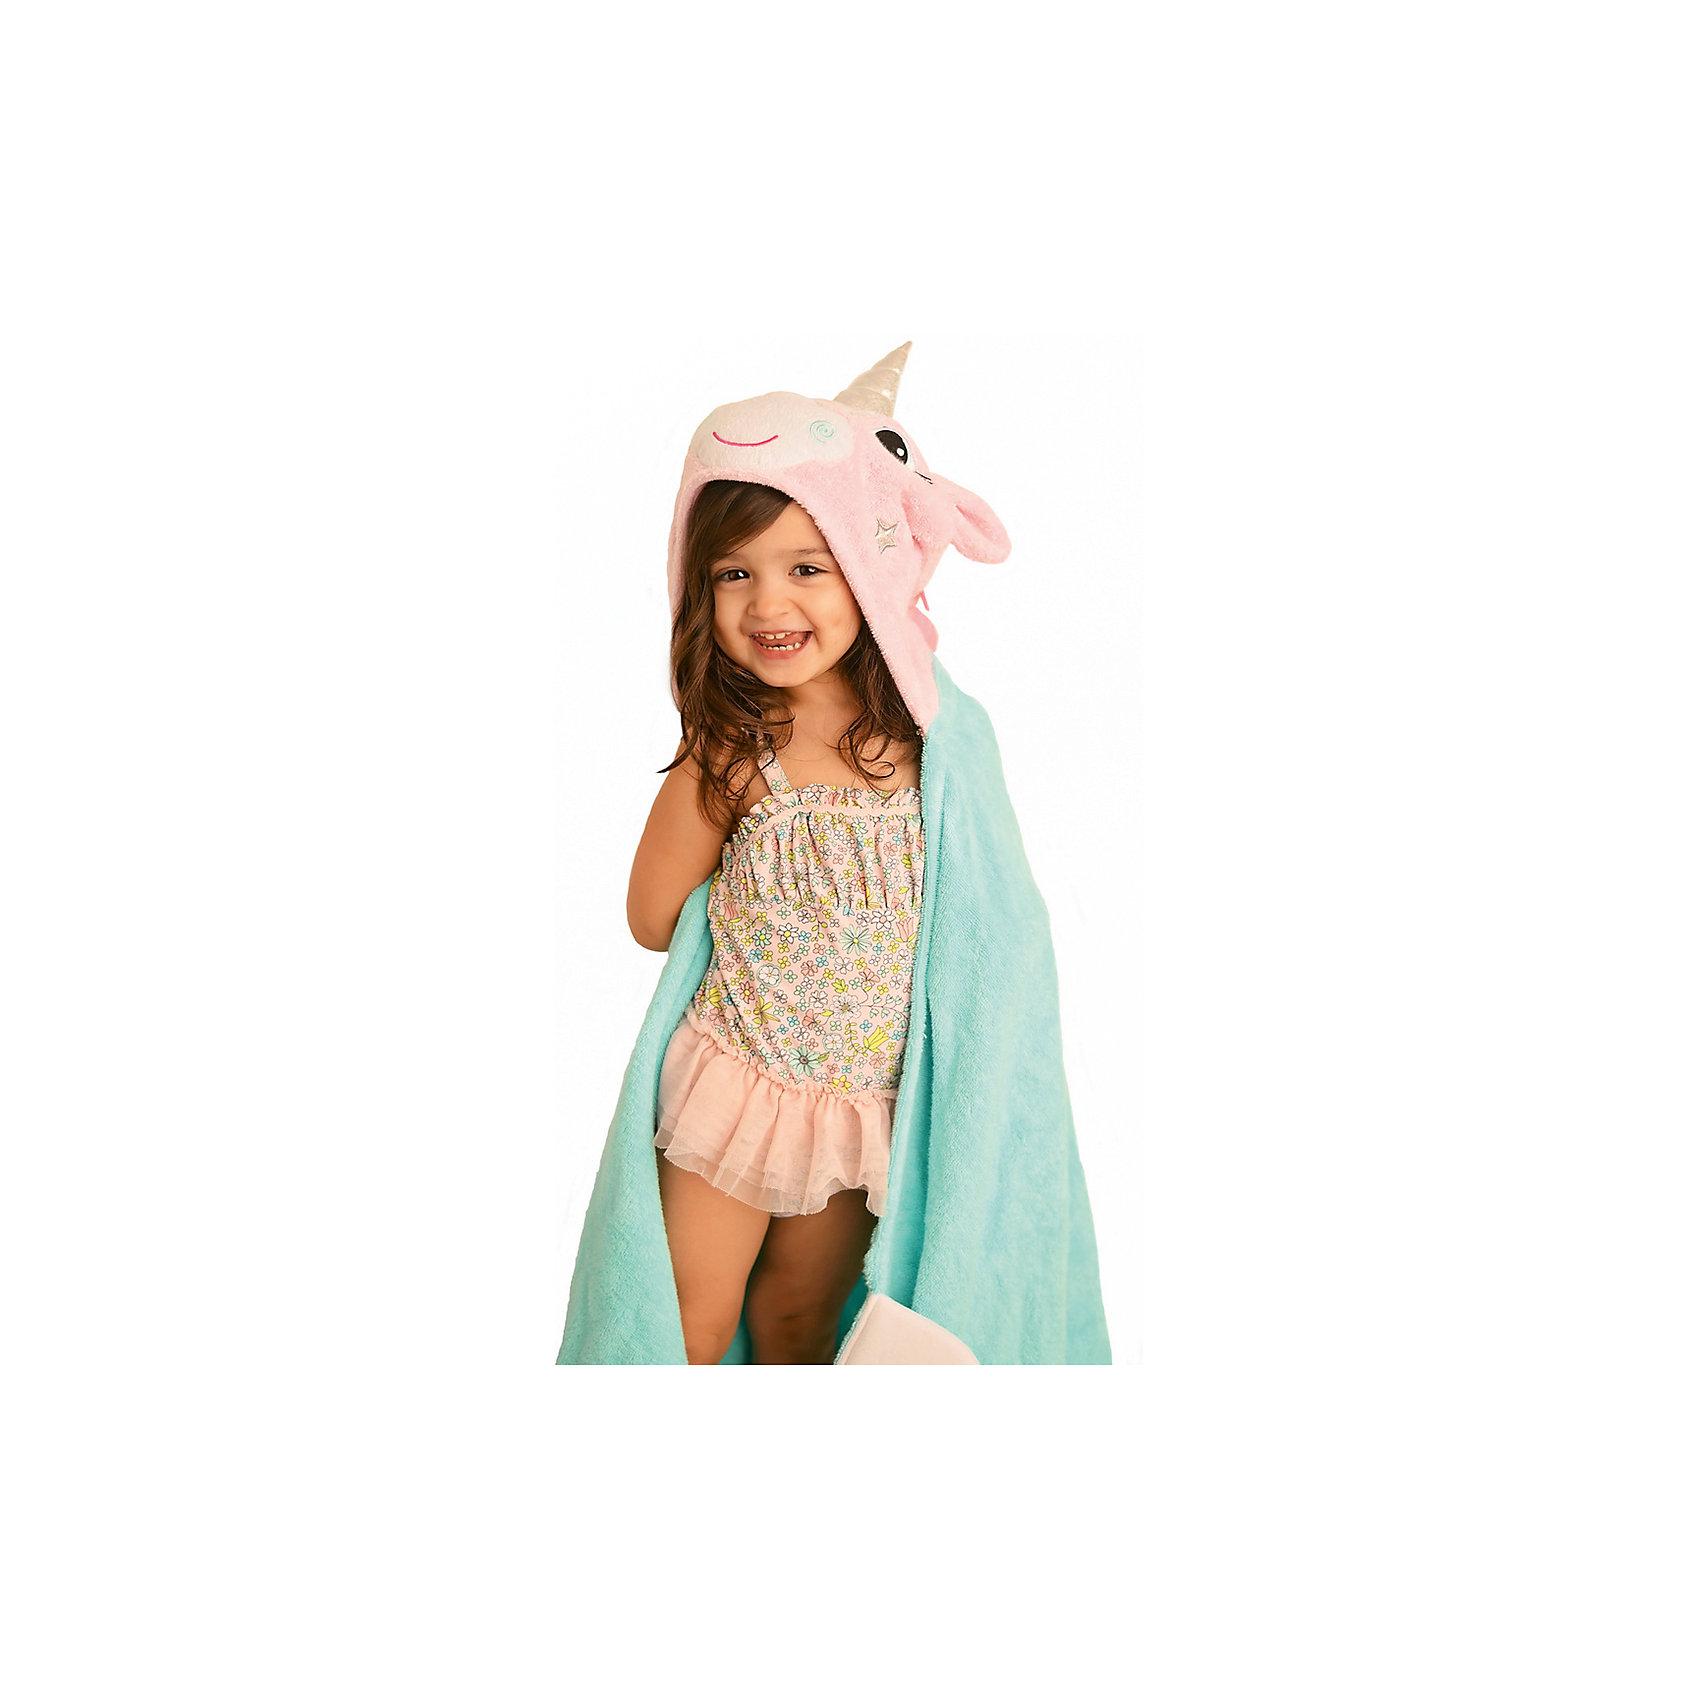 Полотенце с капюшоном Allie the Alicorn (от 2 лет), ZoocchiniДомашний текстиль<br>Полотенце с капюшоном Allie the Alicorn (от 2 лет) Аликорн Алли от американского бренда Zoocchini (Зукинни) сделает принятие ванны еще уютнее и приятнее. Специалисты из США и Канады, объединенные любовью к животным, создали компанию с товарами для детей в виде зверей. Большое хлопковое полотенце прекрасно впитывает влагу, а забавный капюшон с качественно вышитым аликорном защищает от сквозняков. По краям имеются дополнительные уголки для рук в виде крыльев, превращая полотенце почти в костюм, отличный повод для веселого маскарада! Нежный розовый и голубой цвета и дизайн придут по вкусу всей семье. Отлично подходит деткам от двух лет. <br>Дополнительная информация:<br><br>- Состав: 100% хлопок<br>- Размер: 127 * 55 см.<br>Полотенце с капюшоном Allie the Alicorn (от 2 лет) Аликорн Алли, Zoocchini (Зукини) можно купить в нашем интернет-магазине.<br>Подробнее:<br>• Для детей в возрасте: от 2 лет<br>• Номер товара: 4976034<br>Страна производитель: Китай<br><br>Ширина мм: 305<br>Глубина мм: 50<br>Высота мм: 305<br>Вес г: 678<br>Возраст от месяцев: 24<br>Возраст до месяцев: 72<br>Пол: Унисекс<br>Возраст: Детский<br>SKU: 4976034